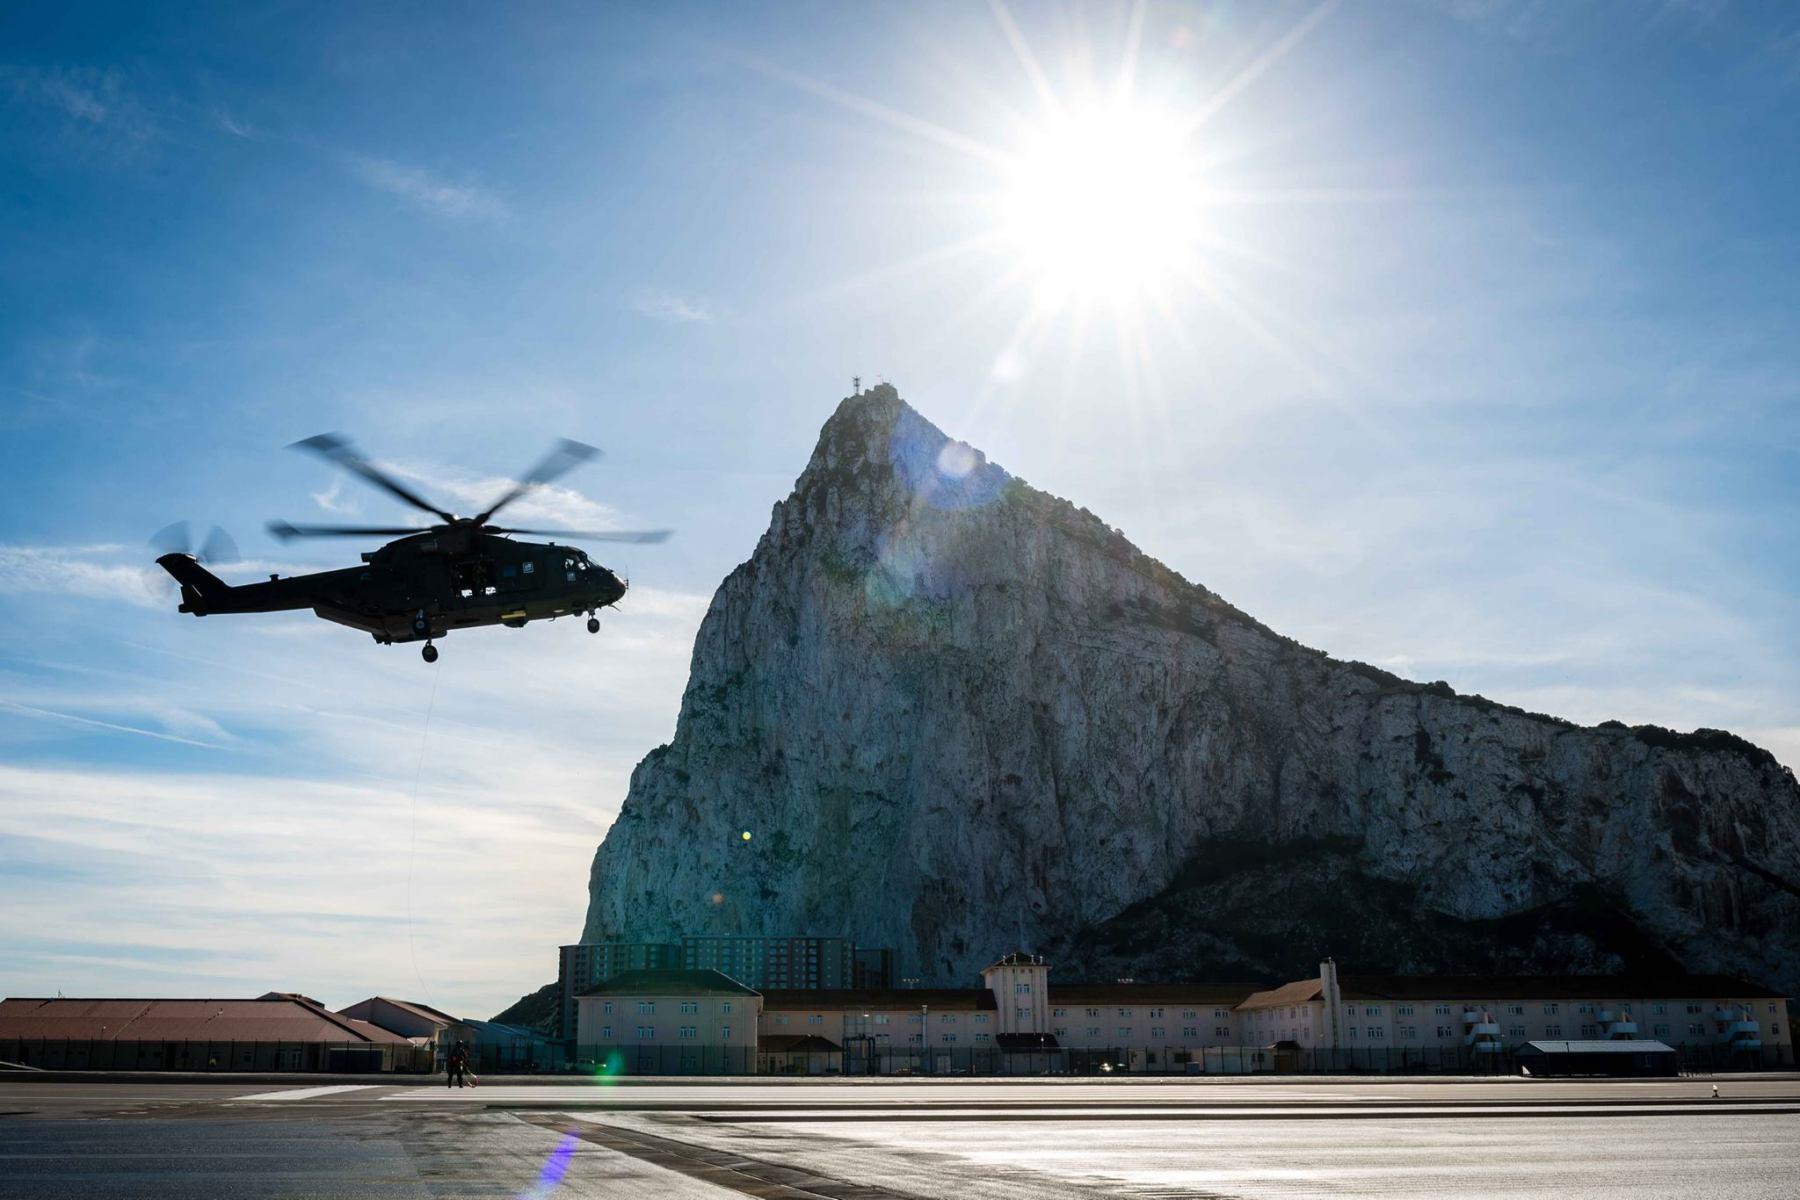 15-de-enero-2016-simulacro-de-rescate-con-helicpteros-merlin-mk3-en-gibraltar-09_24398435405_o